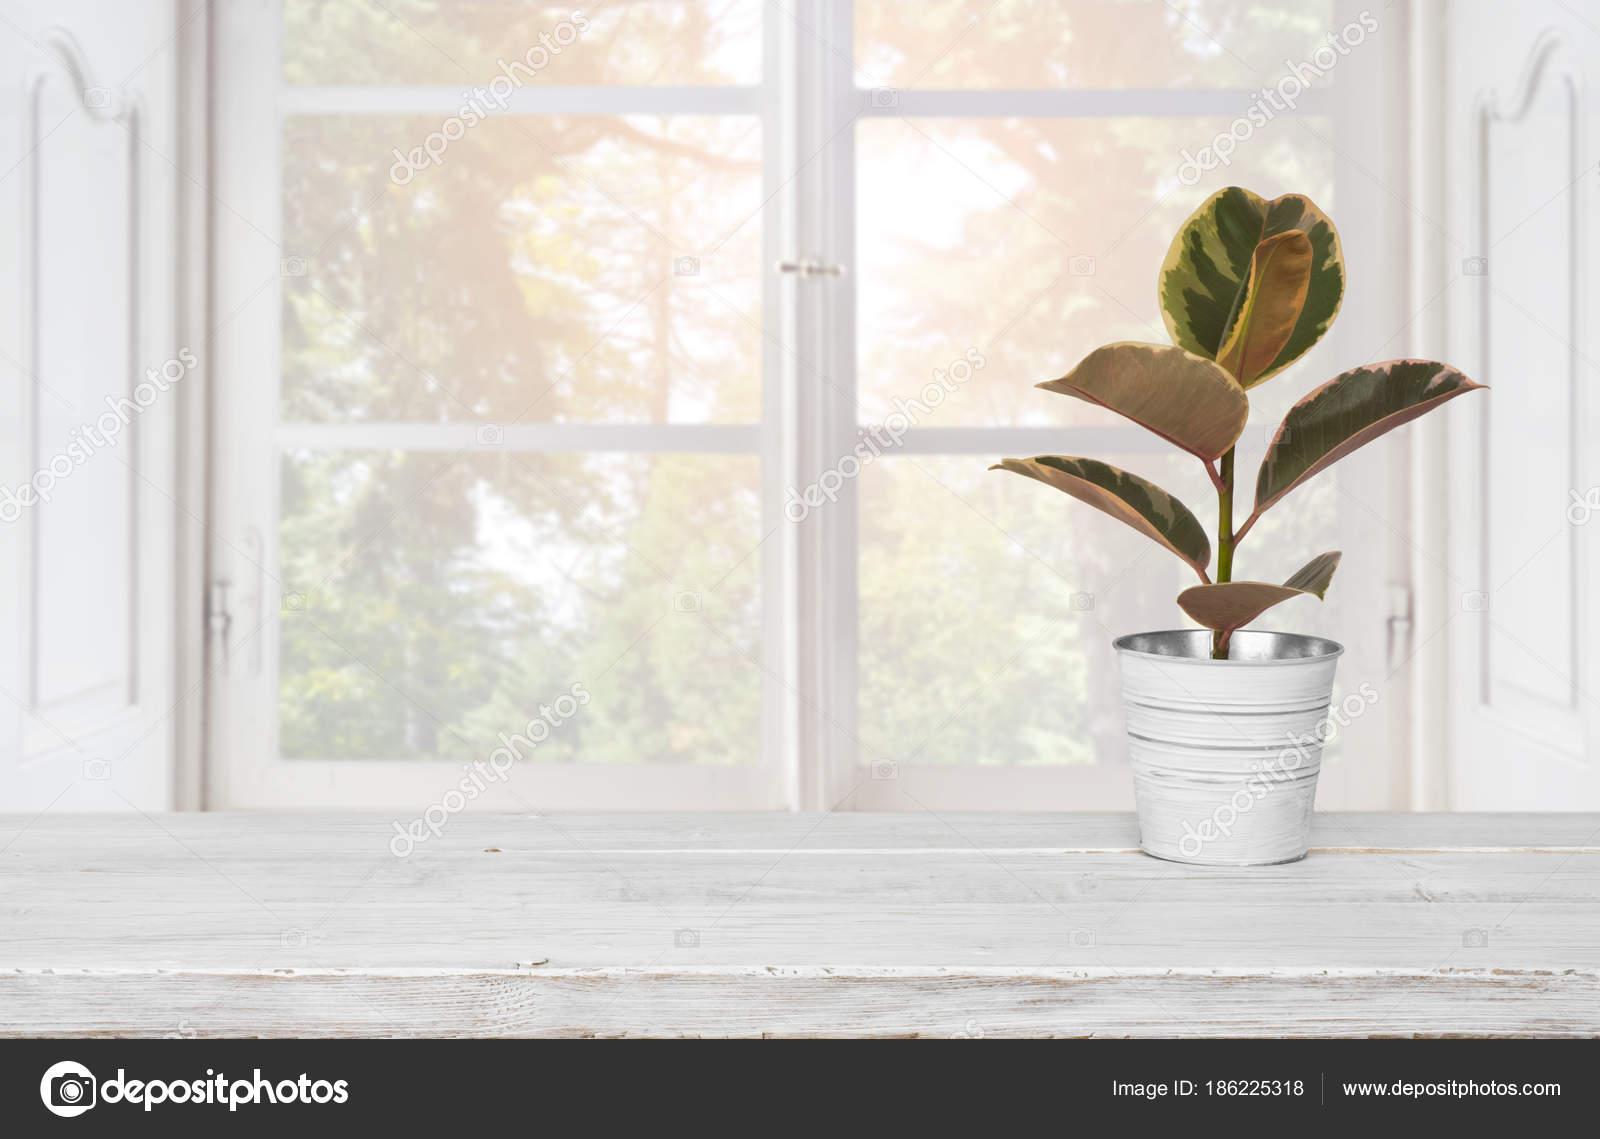 Holztisch Mit Blumentopf Auf Unscharfen Hintergrund Des Fensters ...